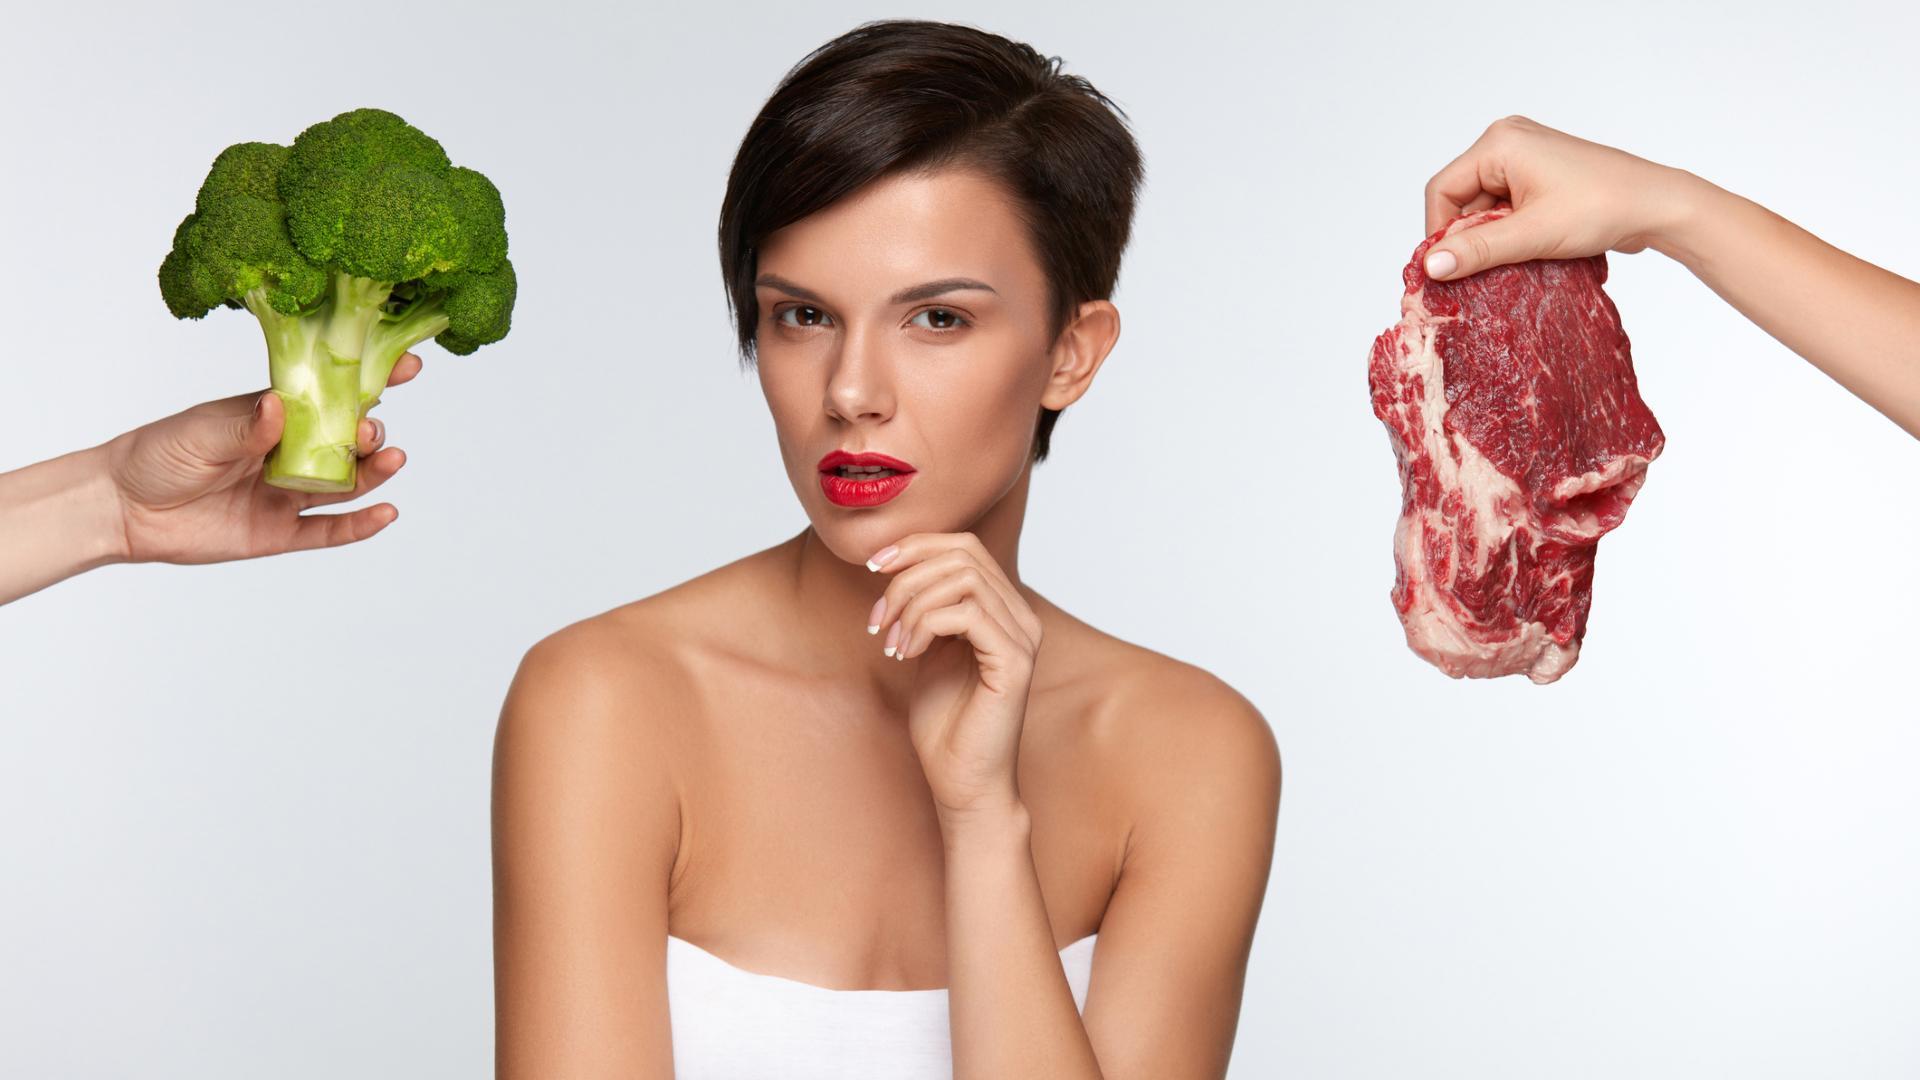 Низкое потребление овощей и фруктов связали с развитием тревожных расстройств